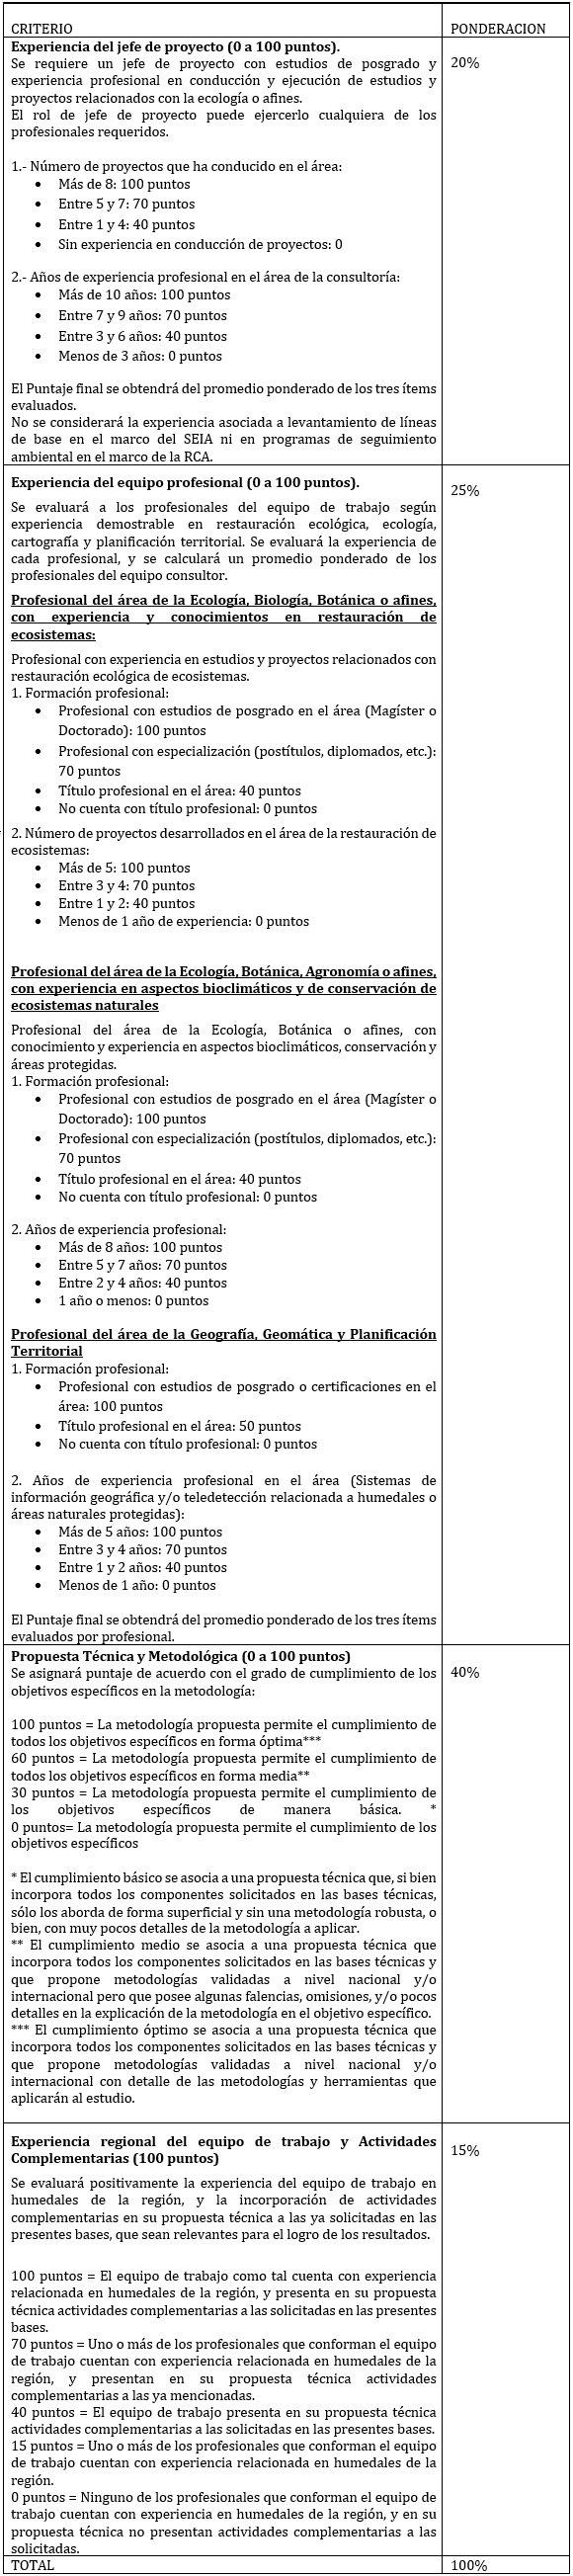 Criterios evaluacion gef 13-10.jpg